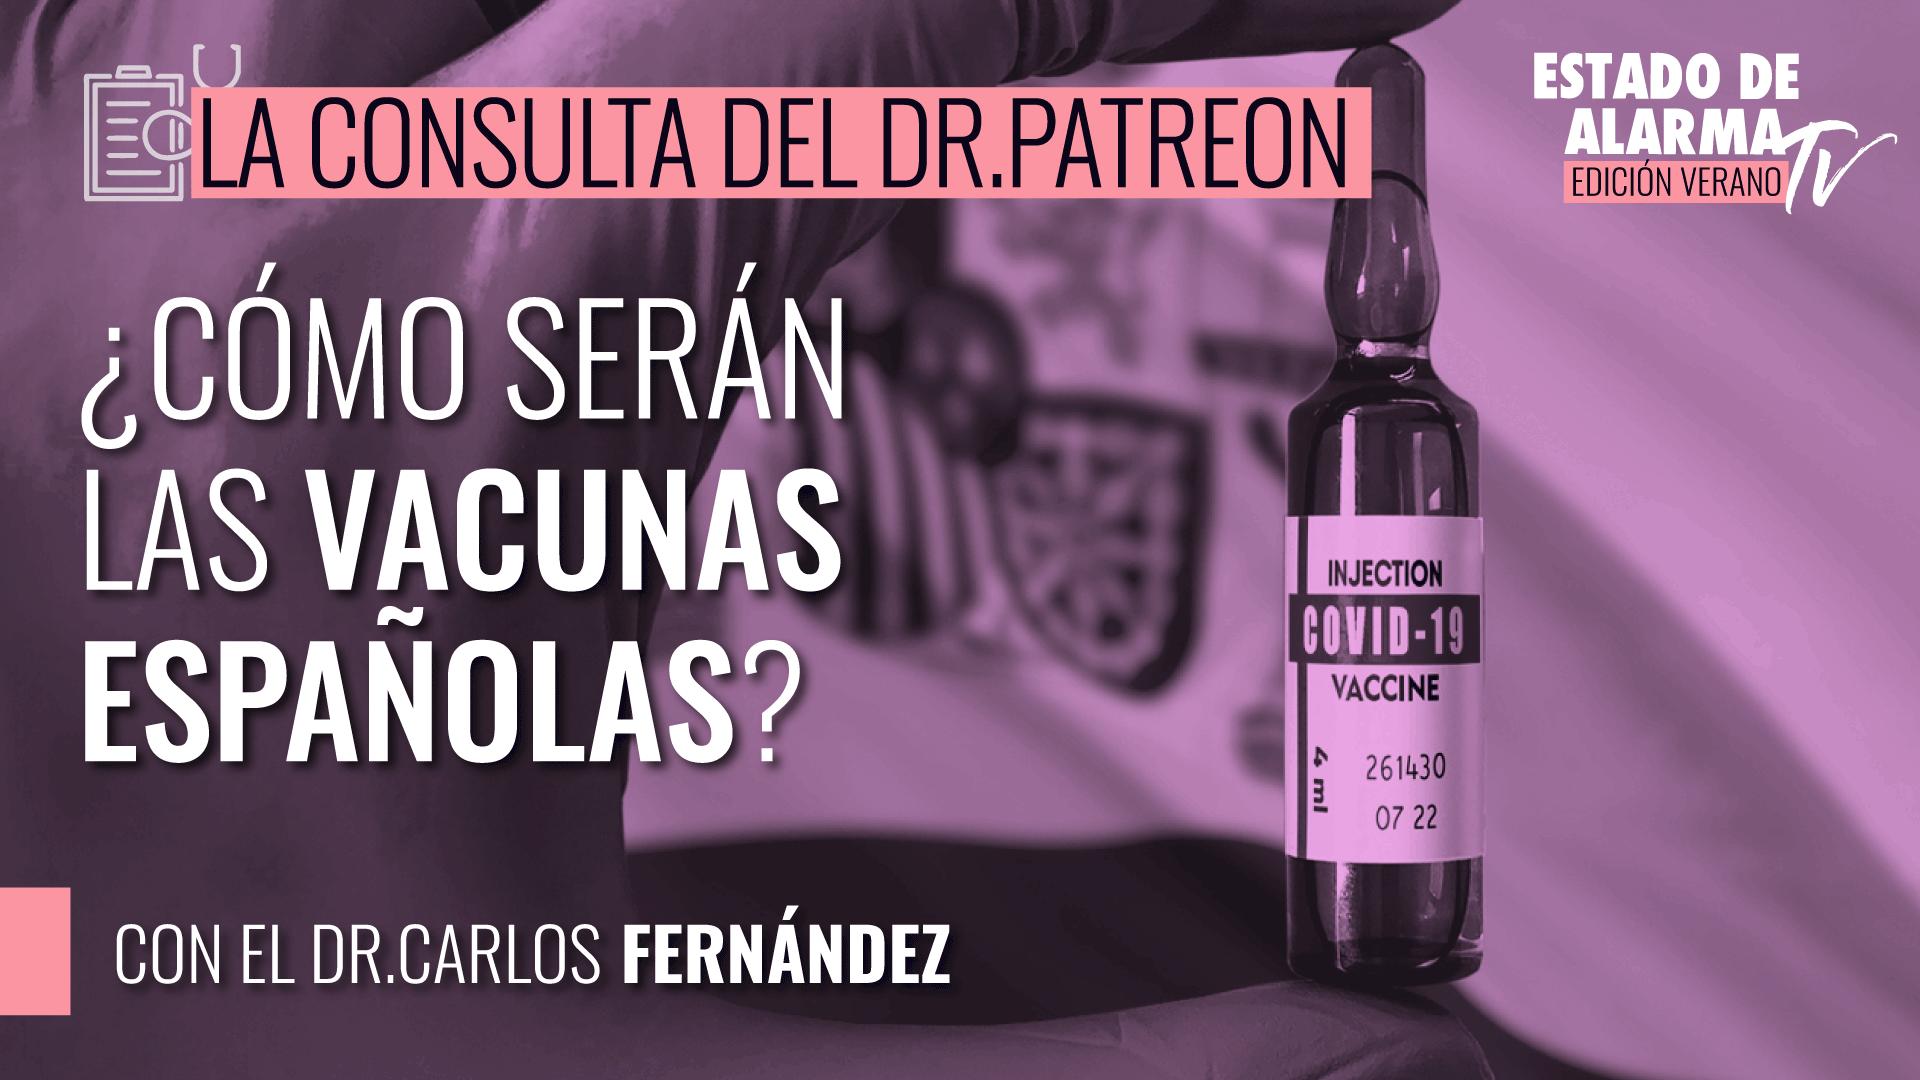 Image del Video: La consulta del Dr. Patreon: ¿Cómo serán las vacunas españolas?, con el Dr. Carlos Fernández